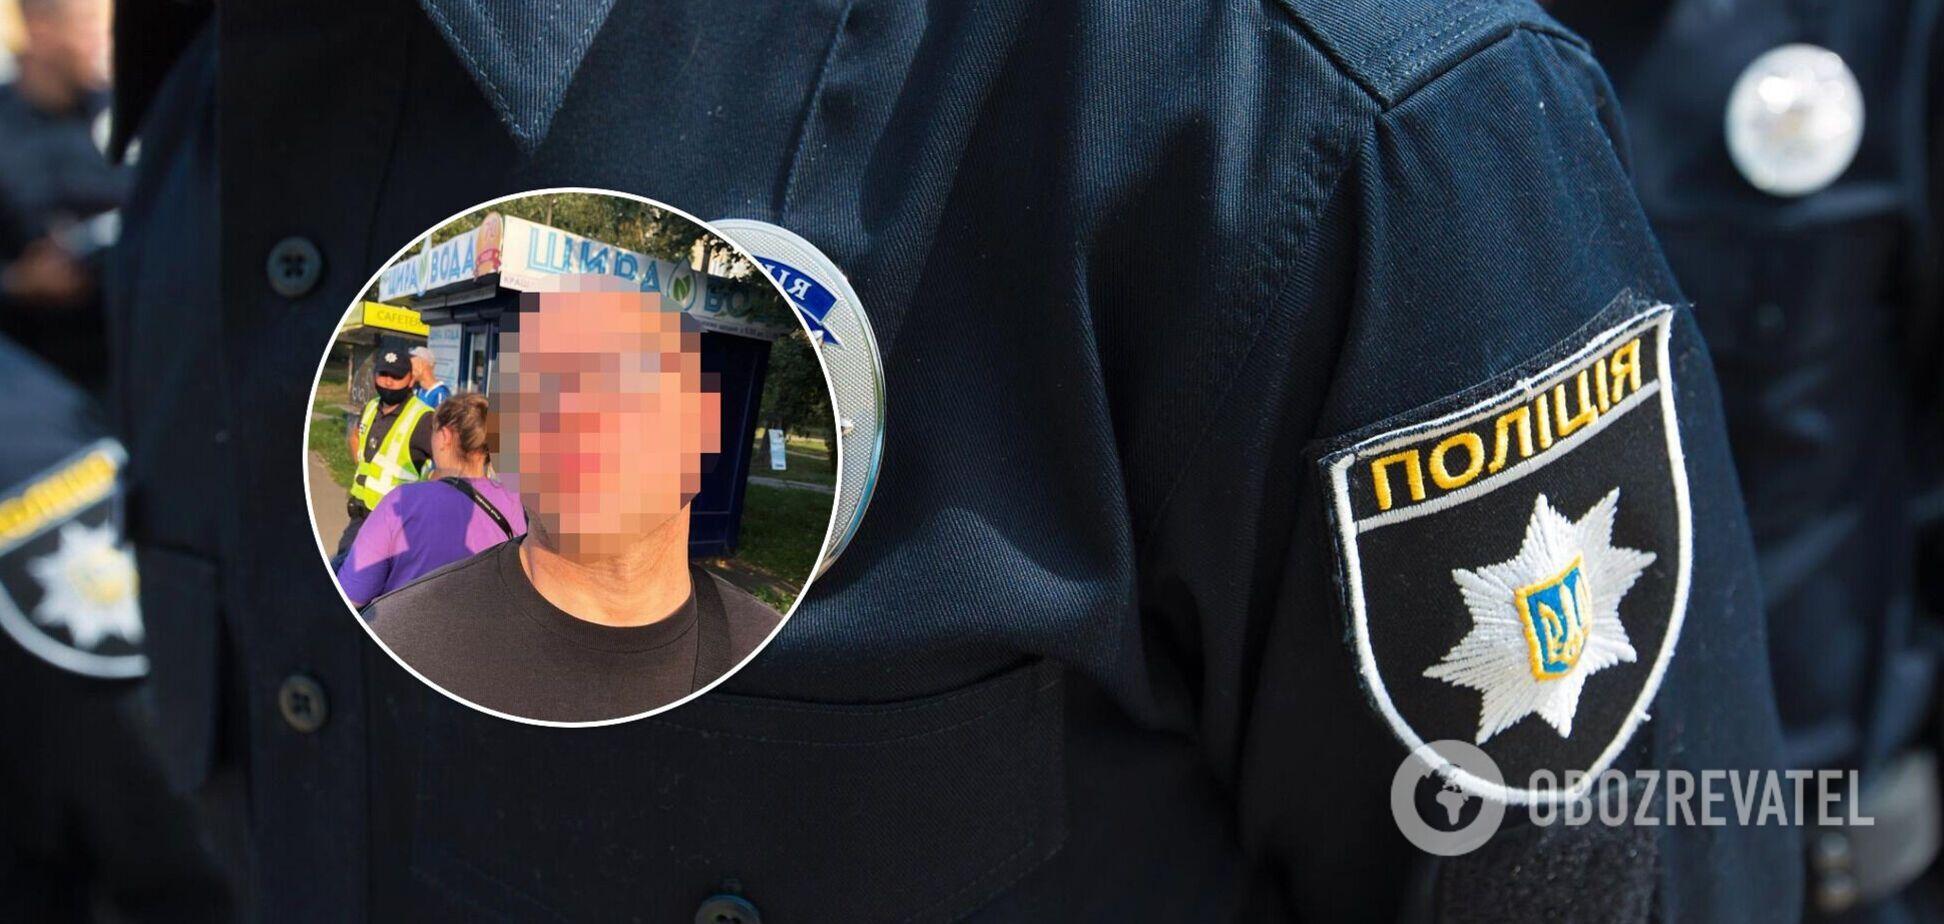 Киевлянину грозит до семи лет лишения свободы